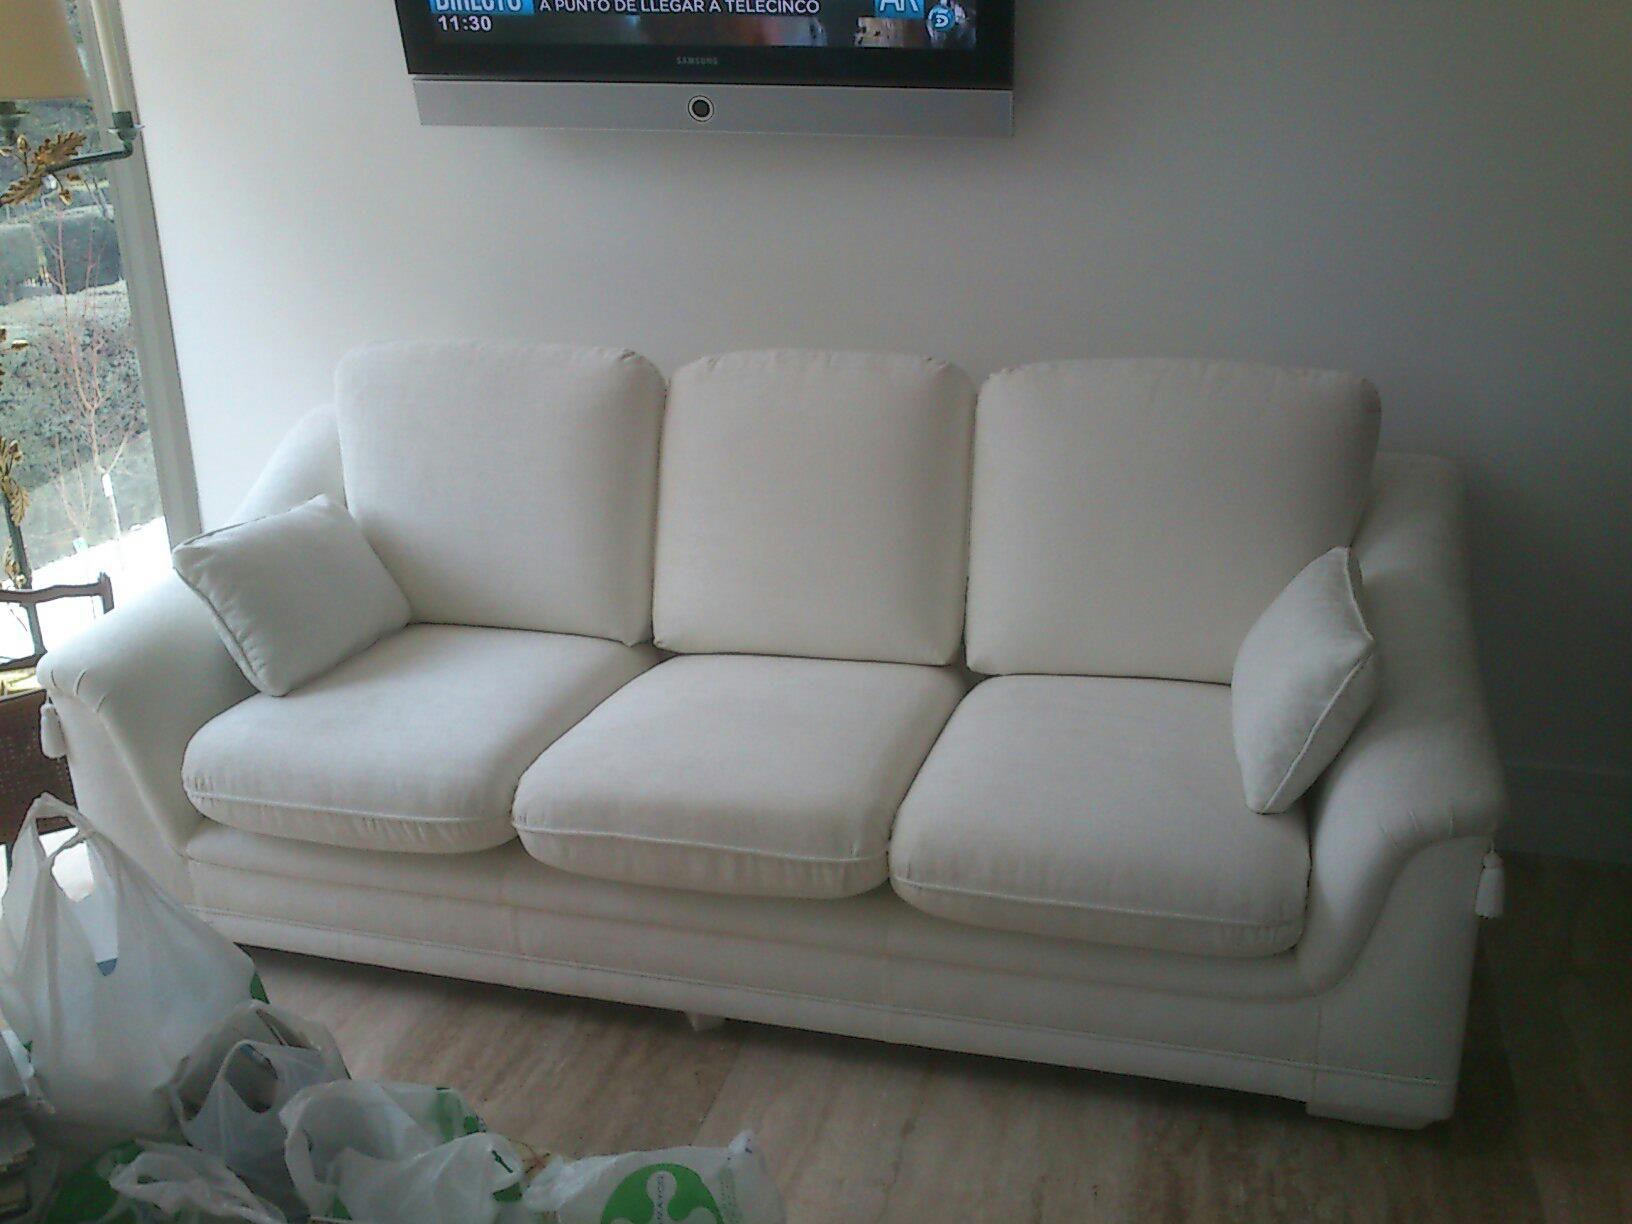 tapicer as correas m stoles tapizado de sof s sillas